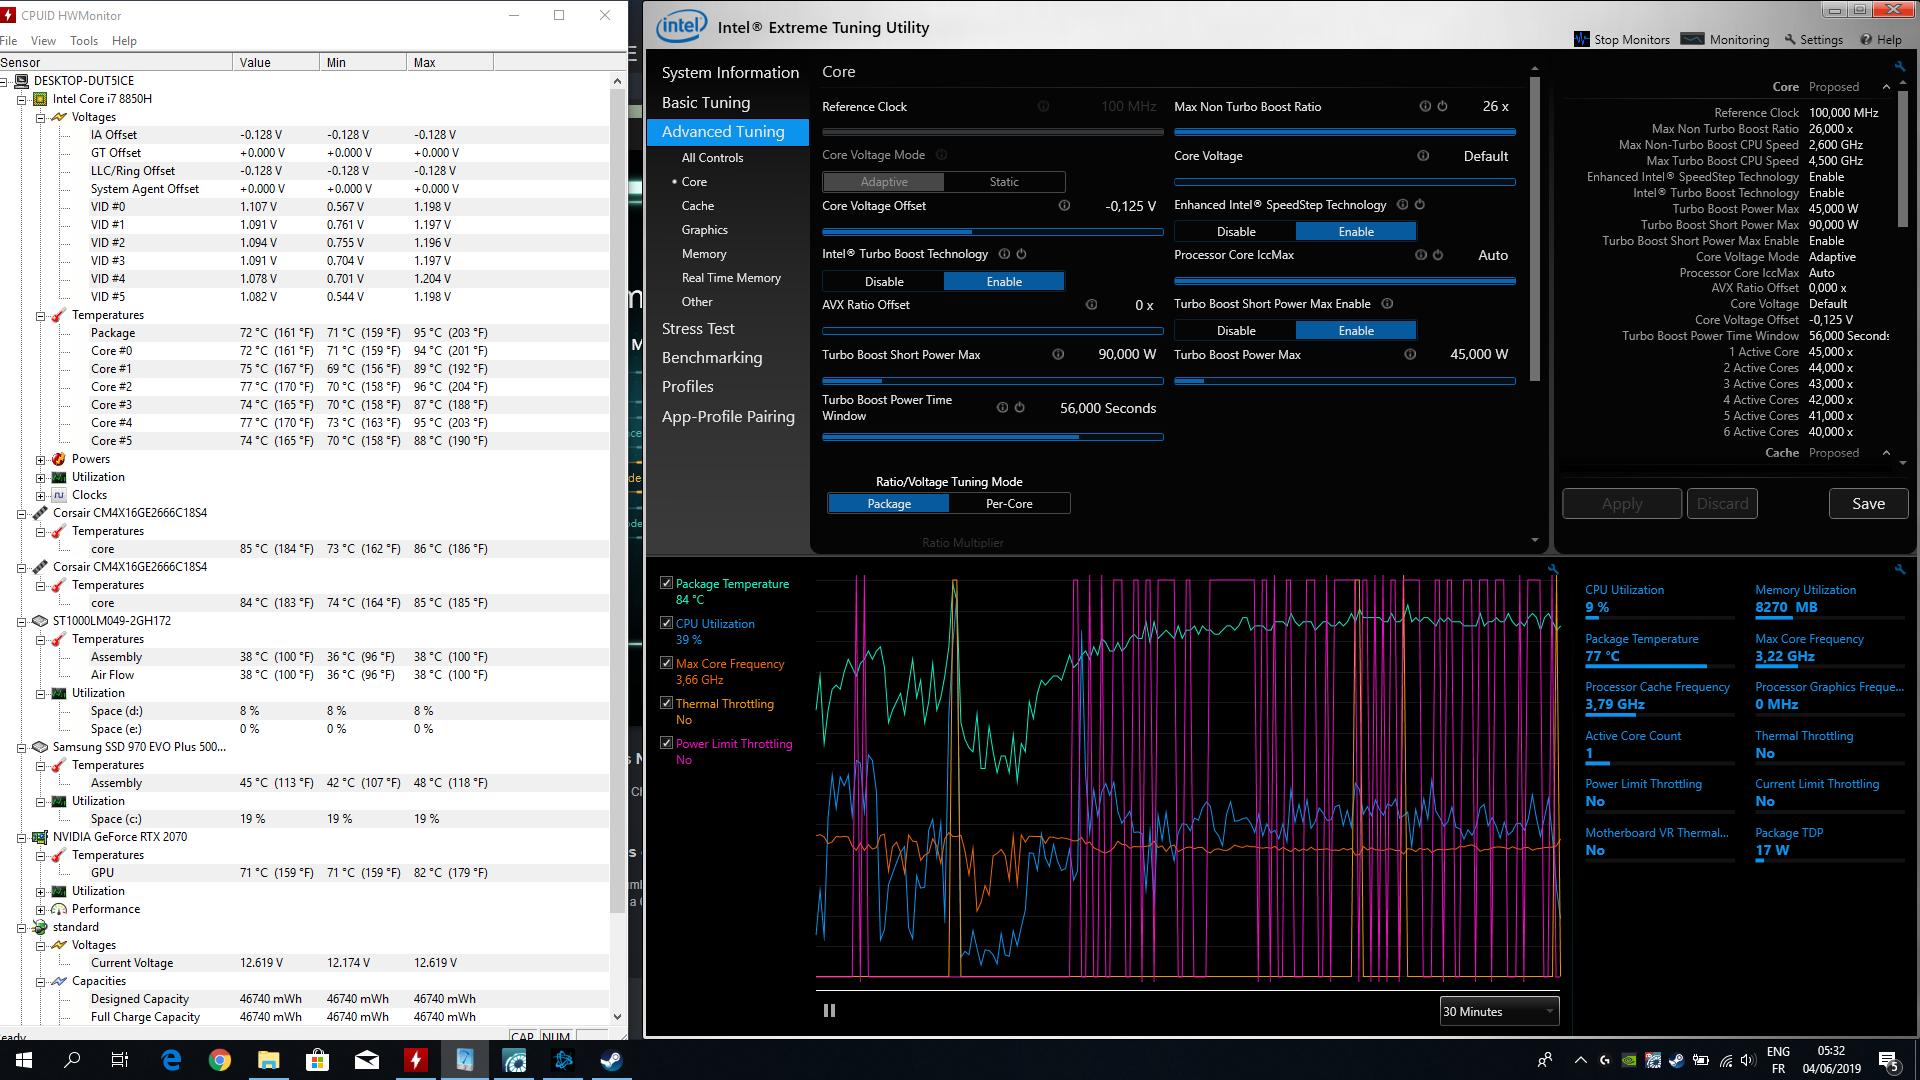 RECOIL III - i7-9750h & 2070 RTX : Temps problem | PCSPECIALIST